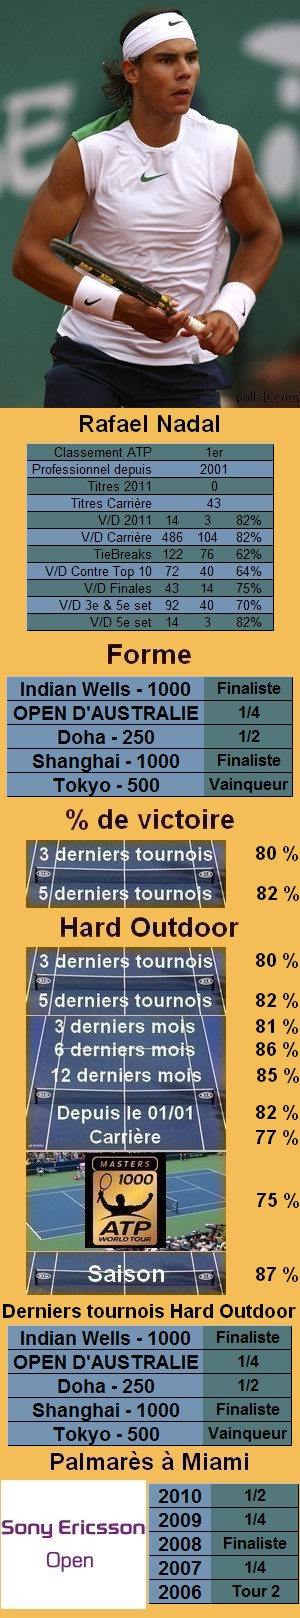 Les statistiques tennis de Rafael Nadal pour le tournoi de Miami